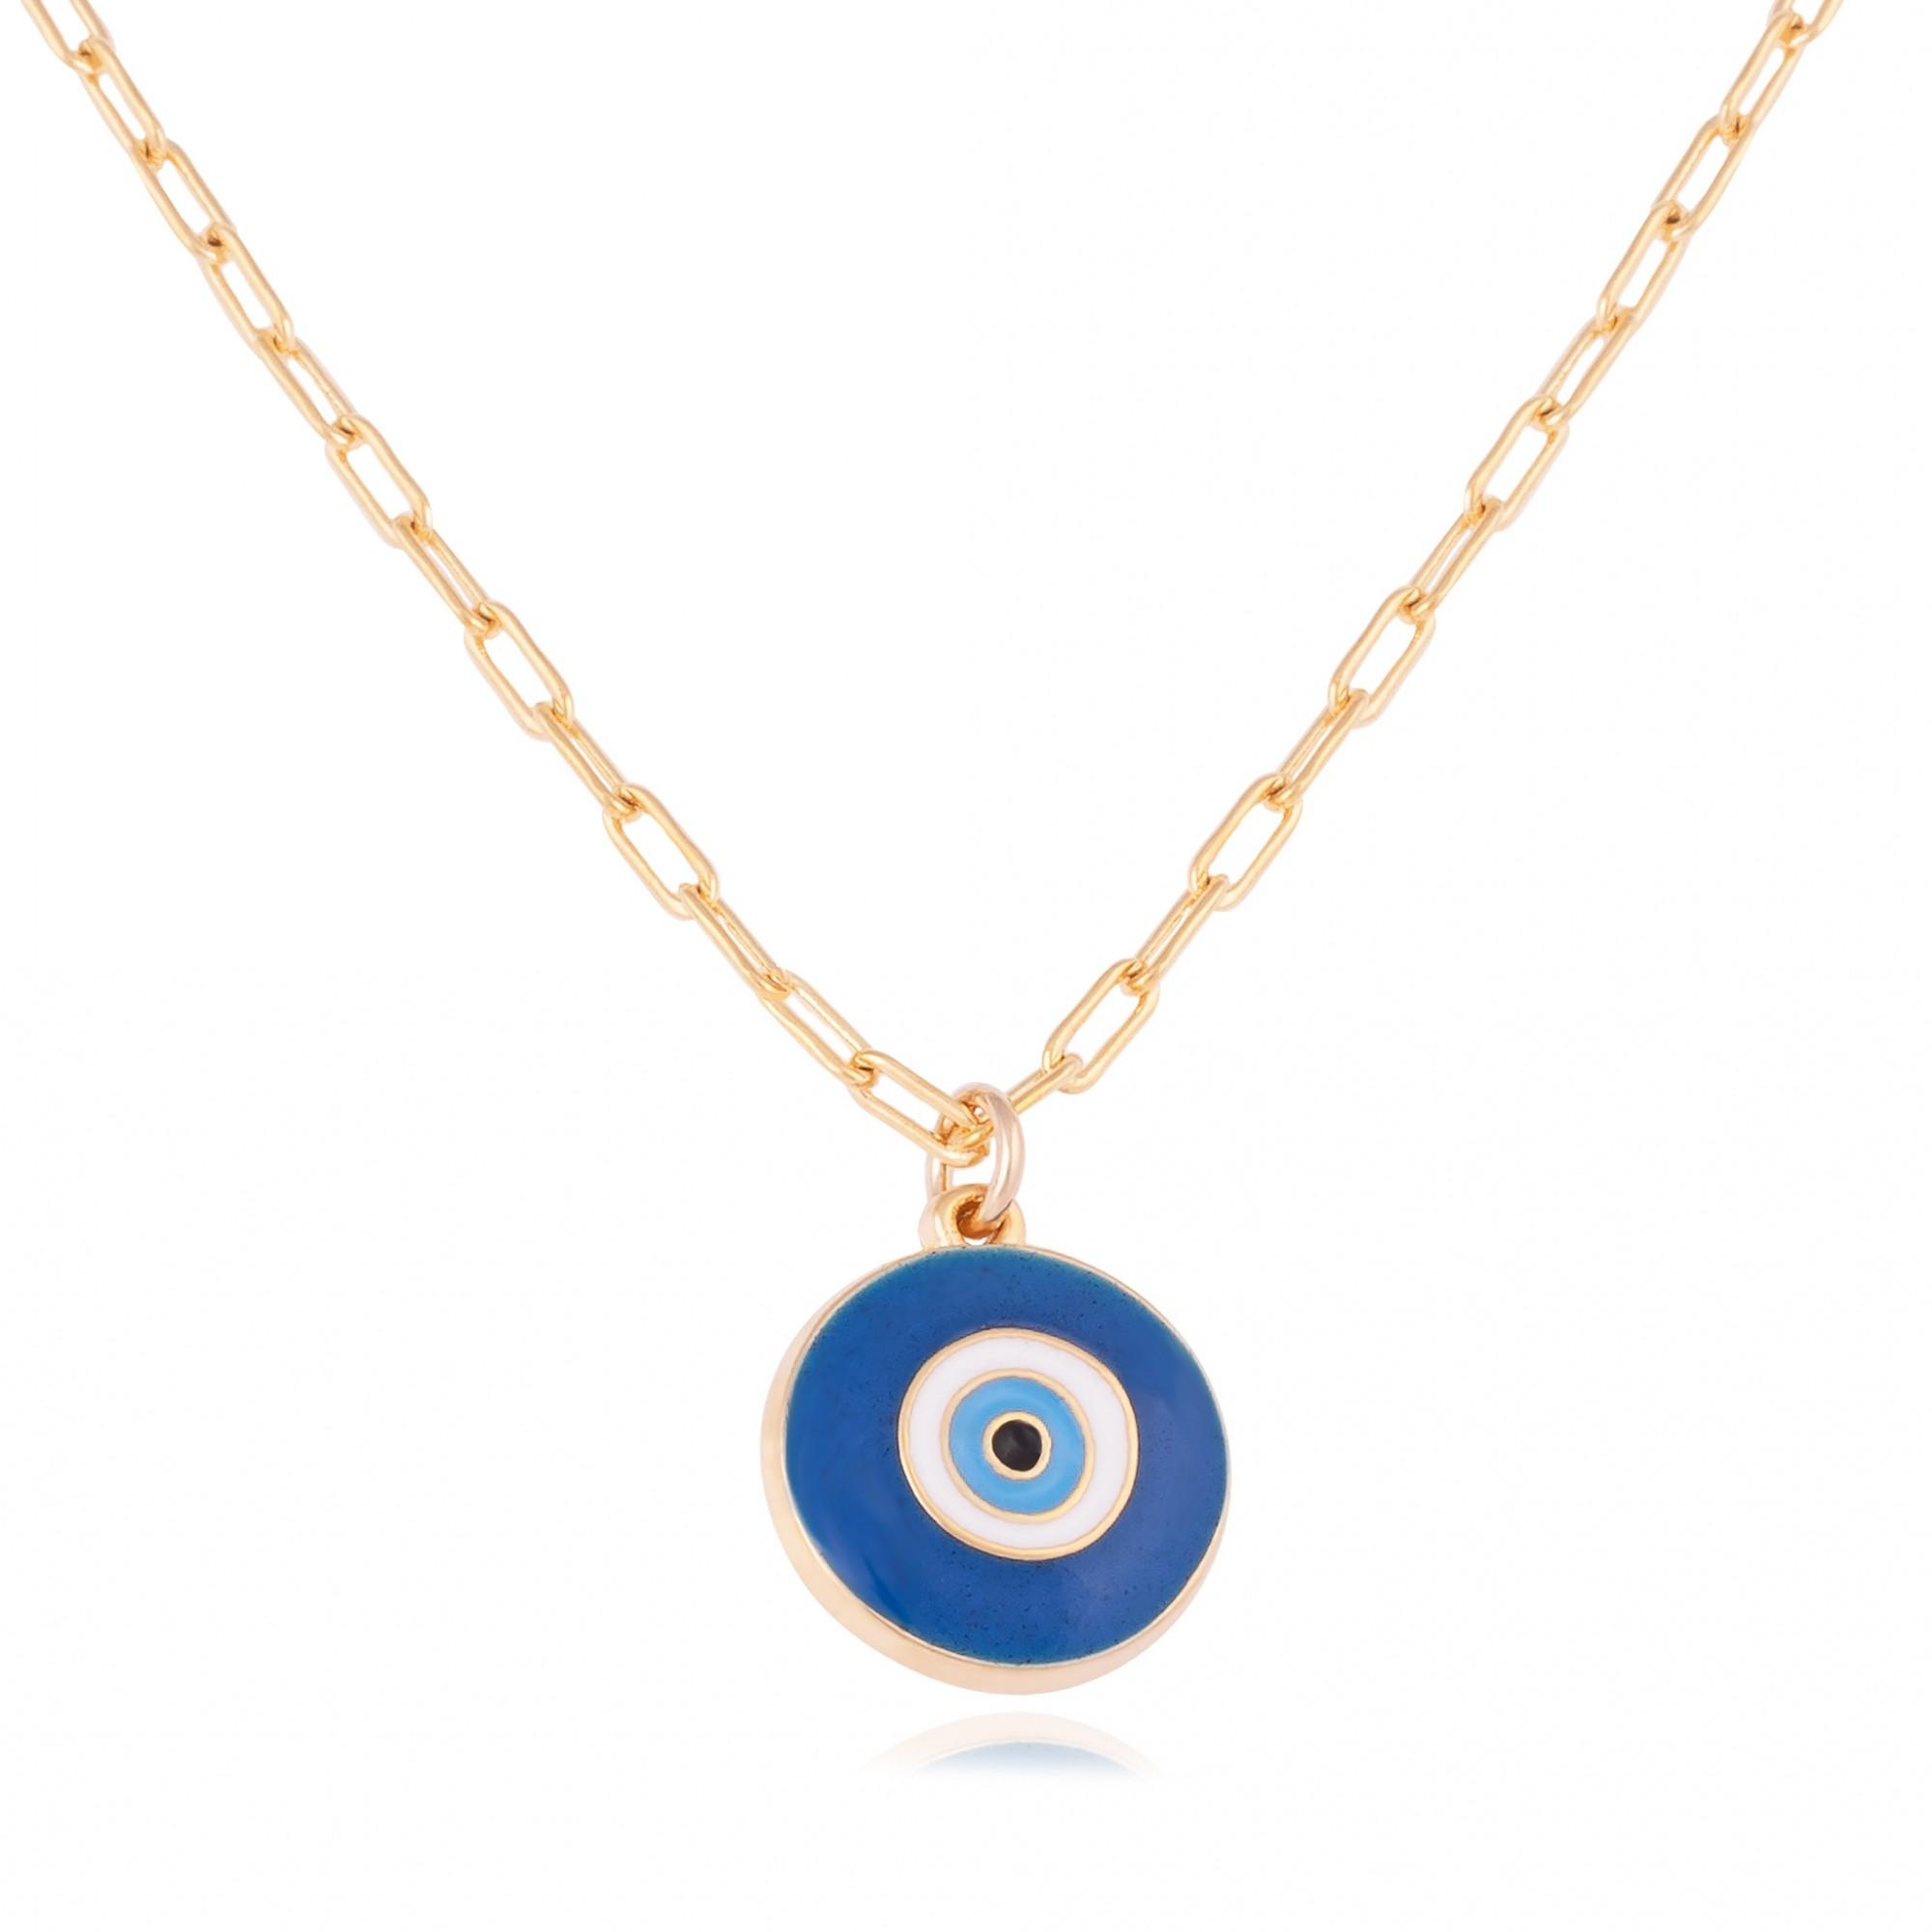 Colar cartier olho grego de resina banhado a ouro 18k.  - romabrazil.com.br